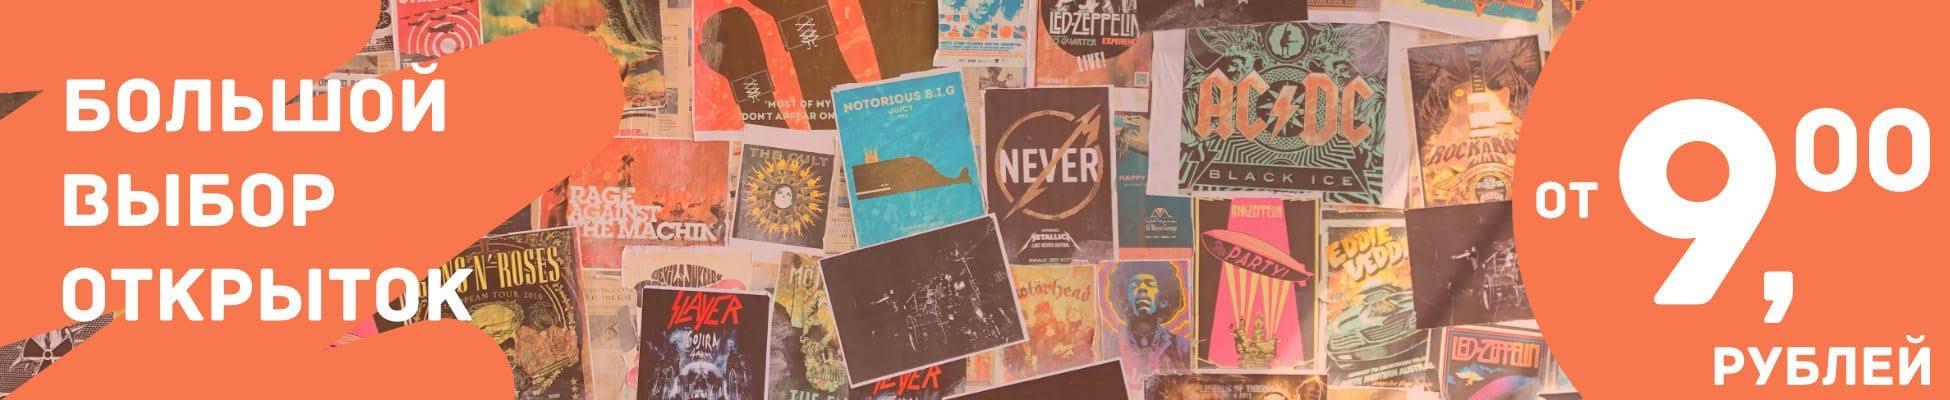 Большой выбор почтовых открыток для посткроссинга